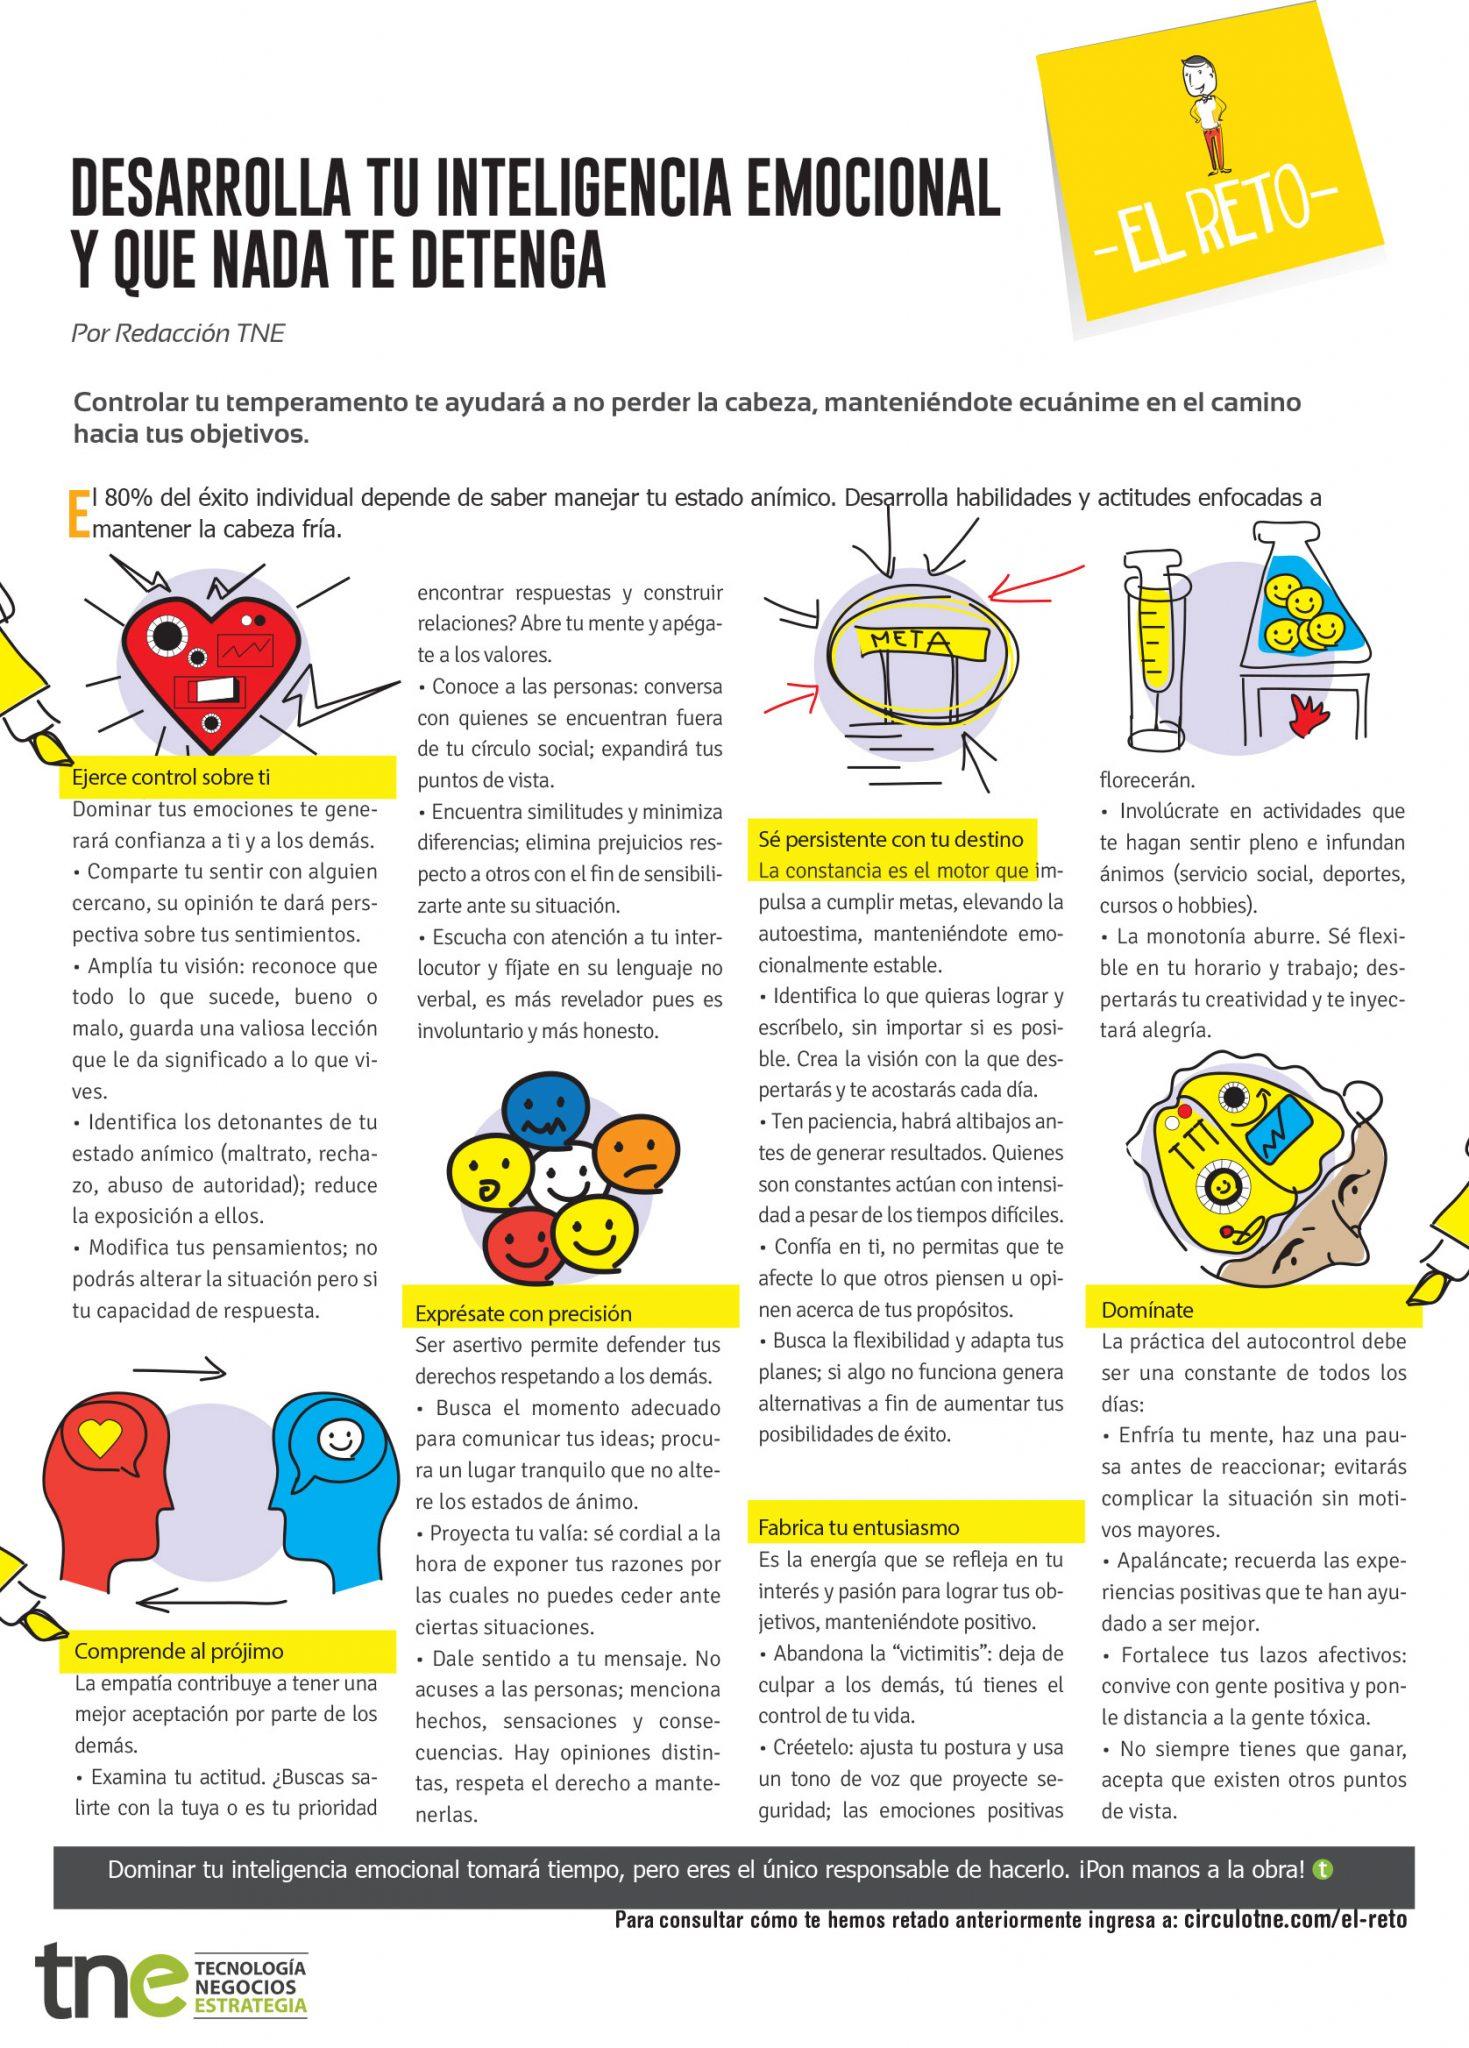 el-reto-inteligencia-emocionl-revista-tne